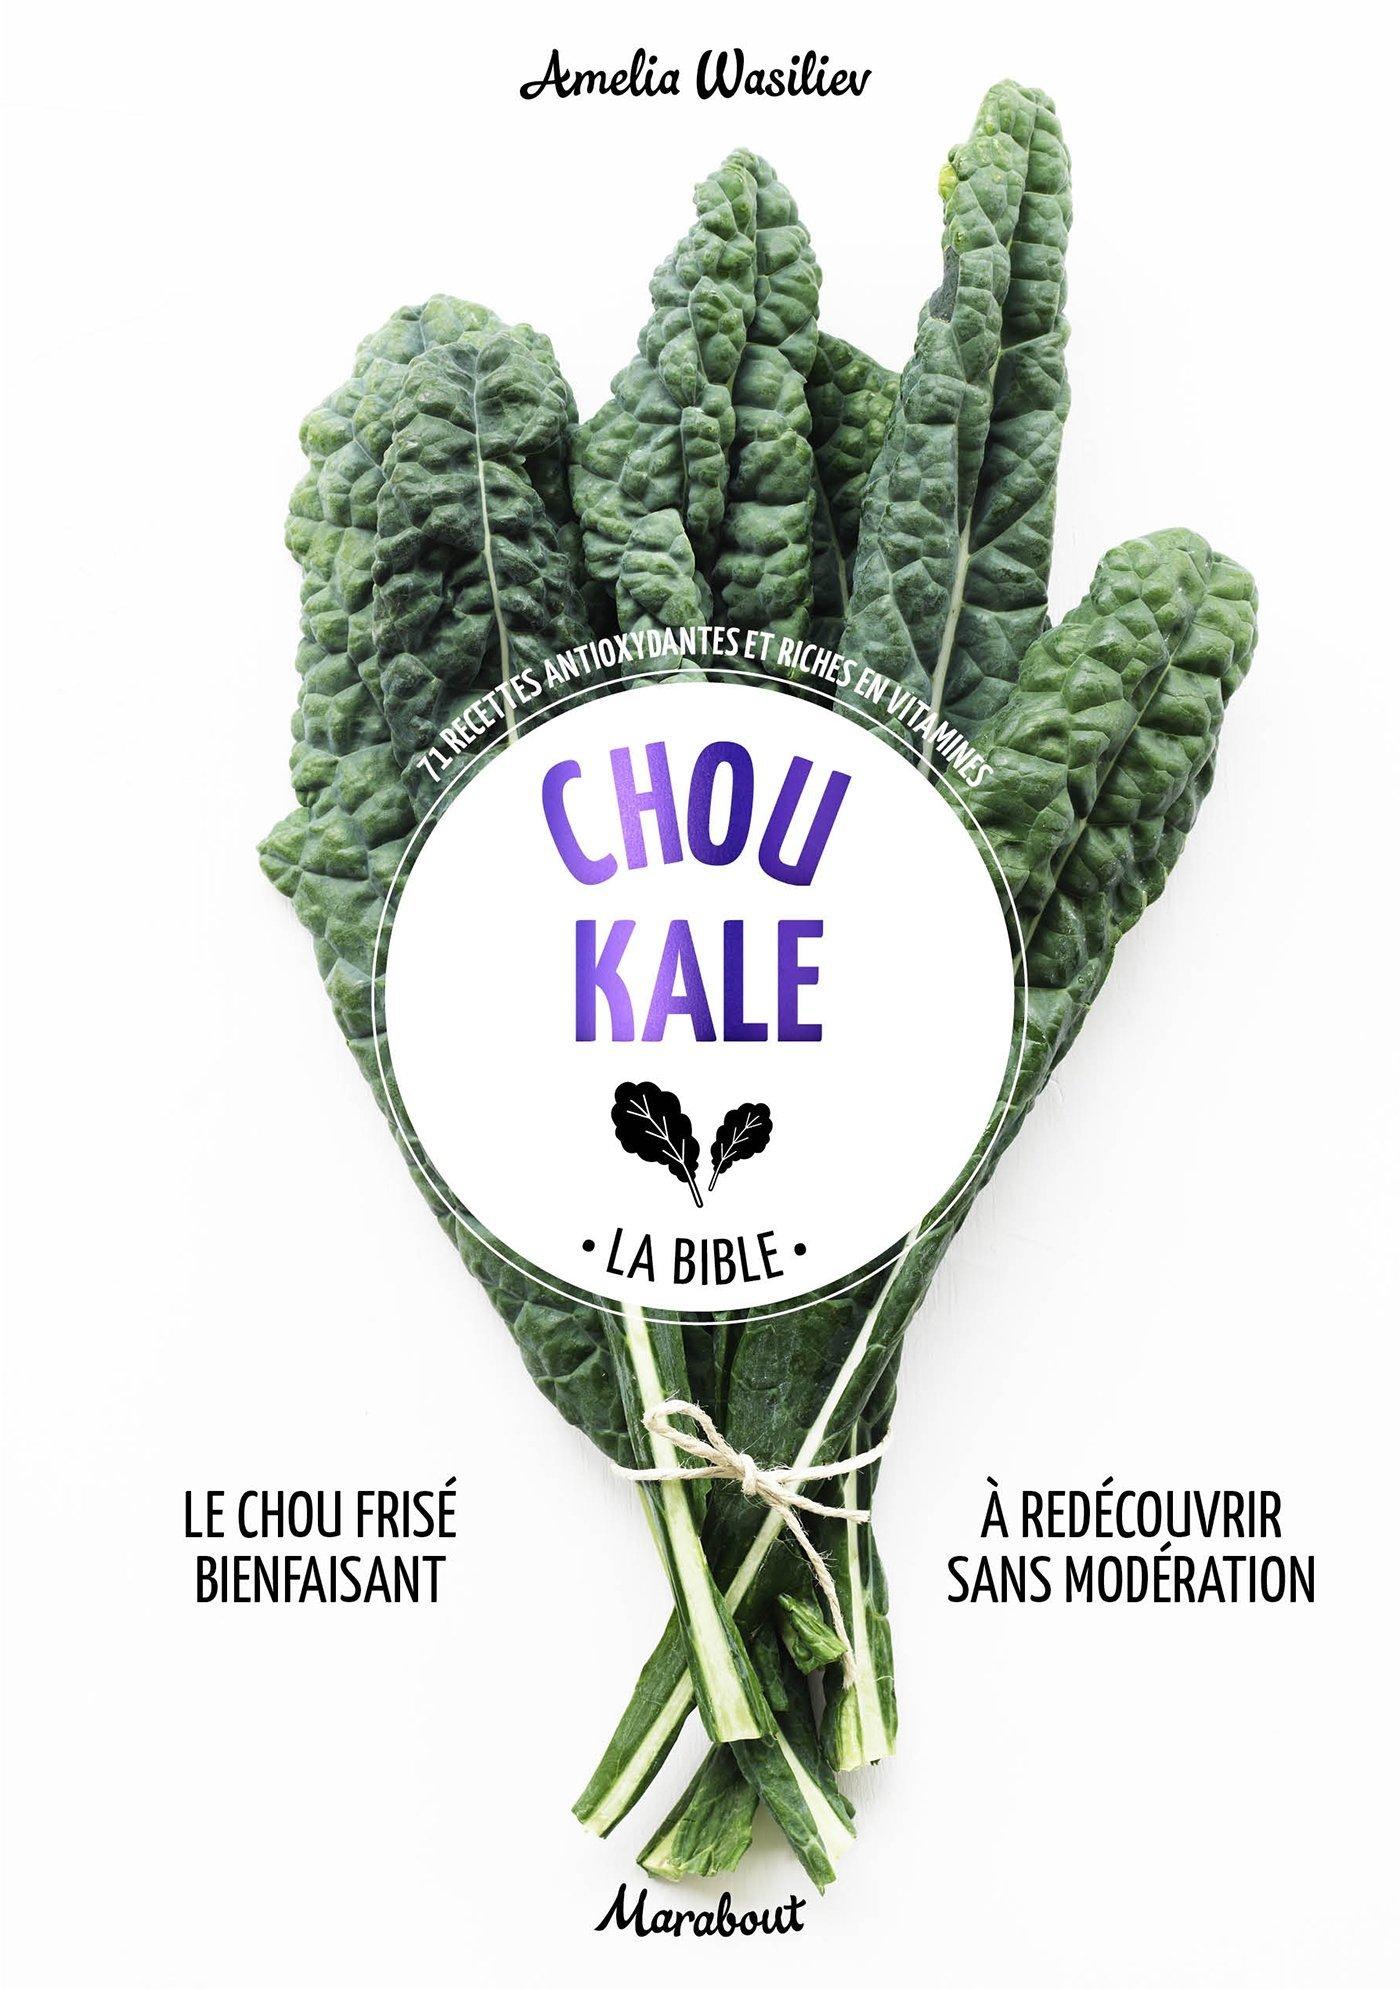 """Libro de Amelia Wasiliev, """"Kale 69 recetas antioxidantes y ricas en..."""